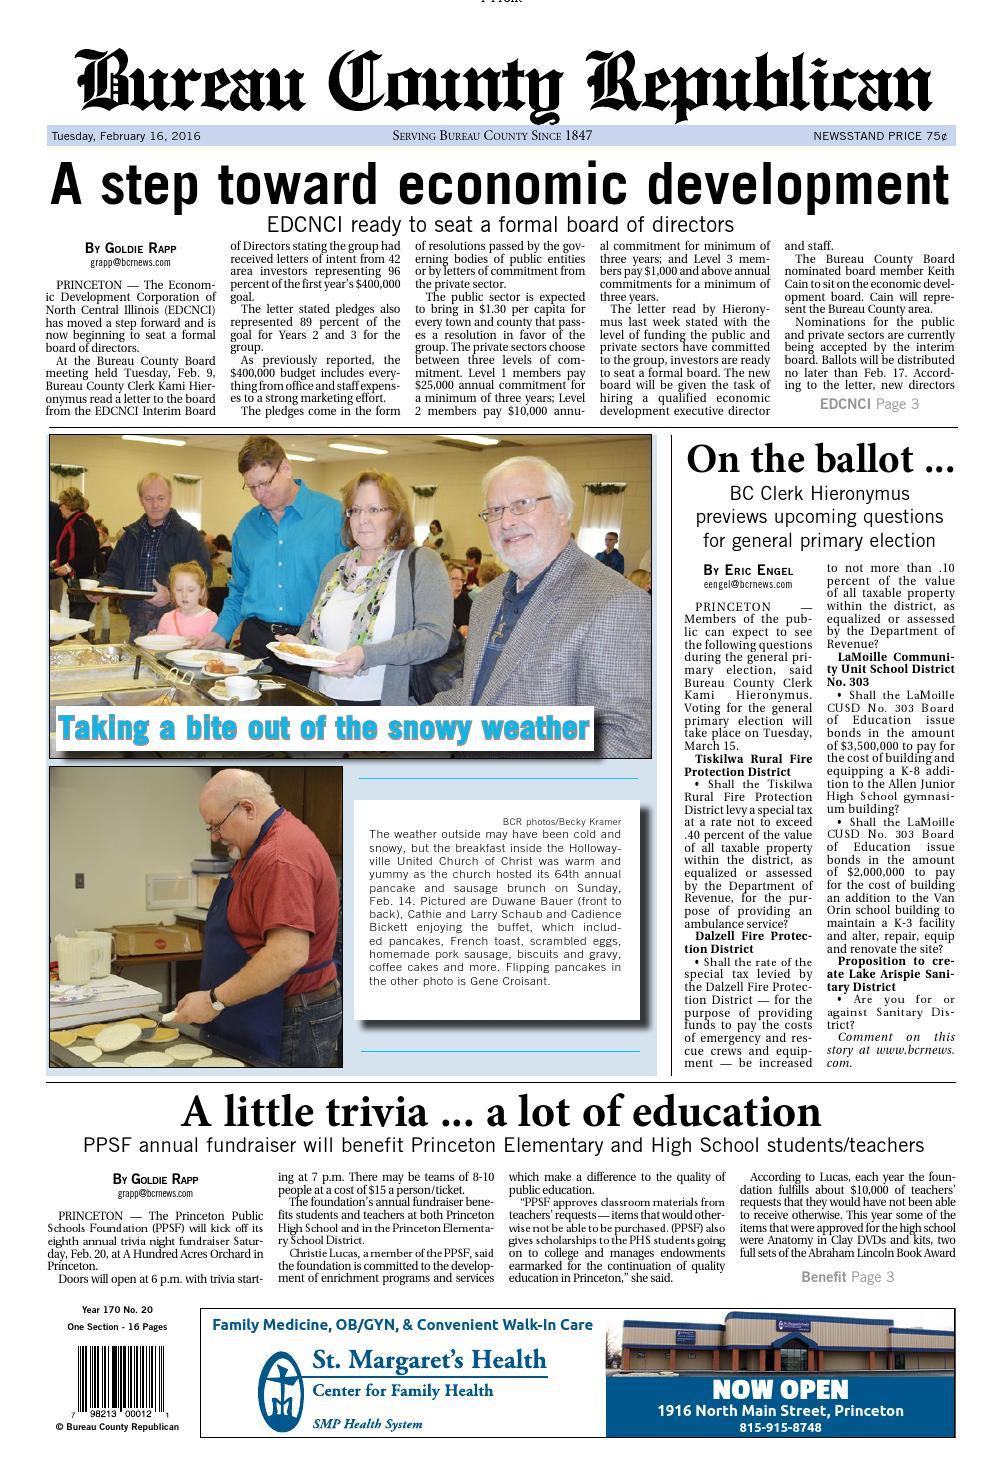 Illinois bureau county princeton - Illinois Bureau County Princeton 26